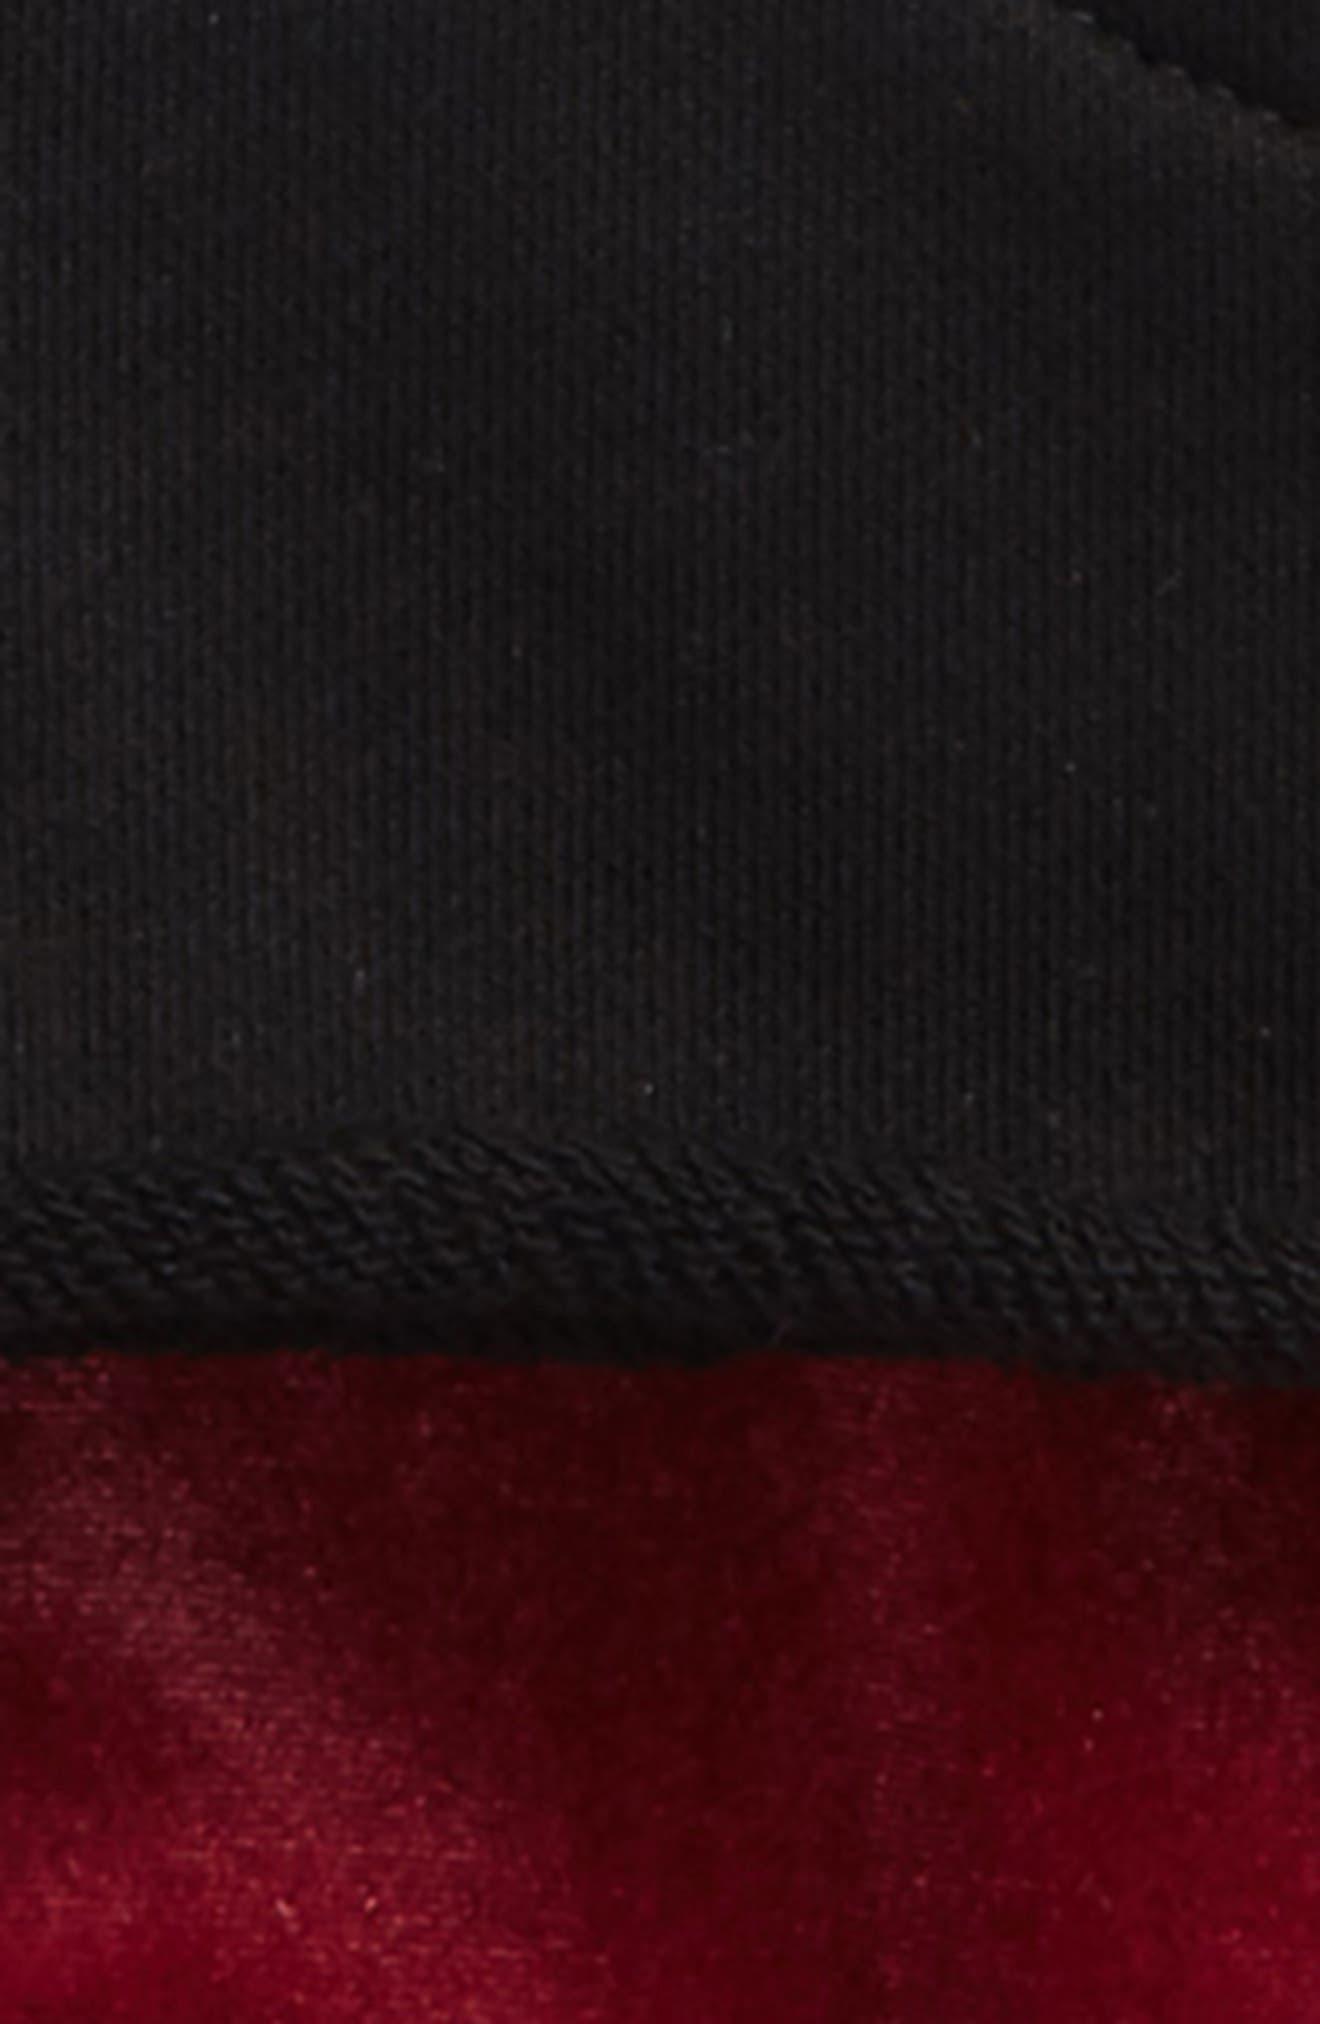 French Terry Dress & Velour Leggings Set,                             Alternate thumbnail 2, color,                             001